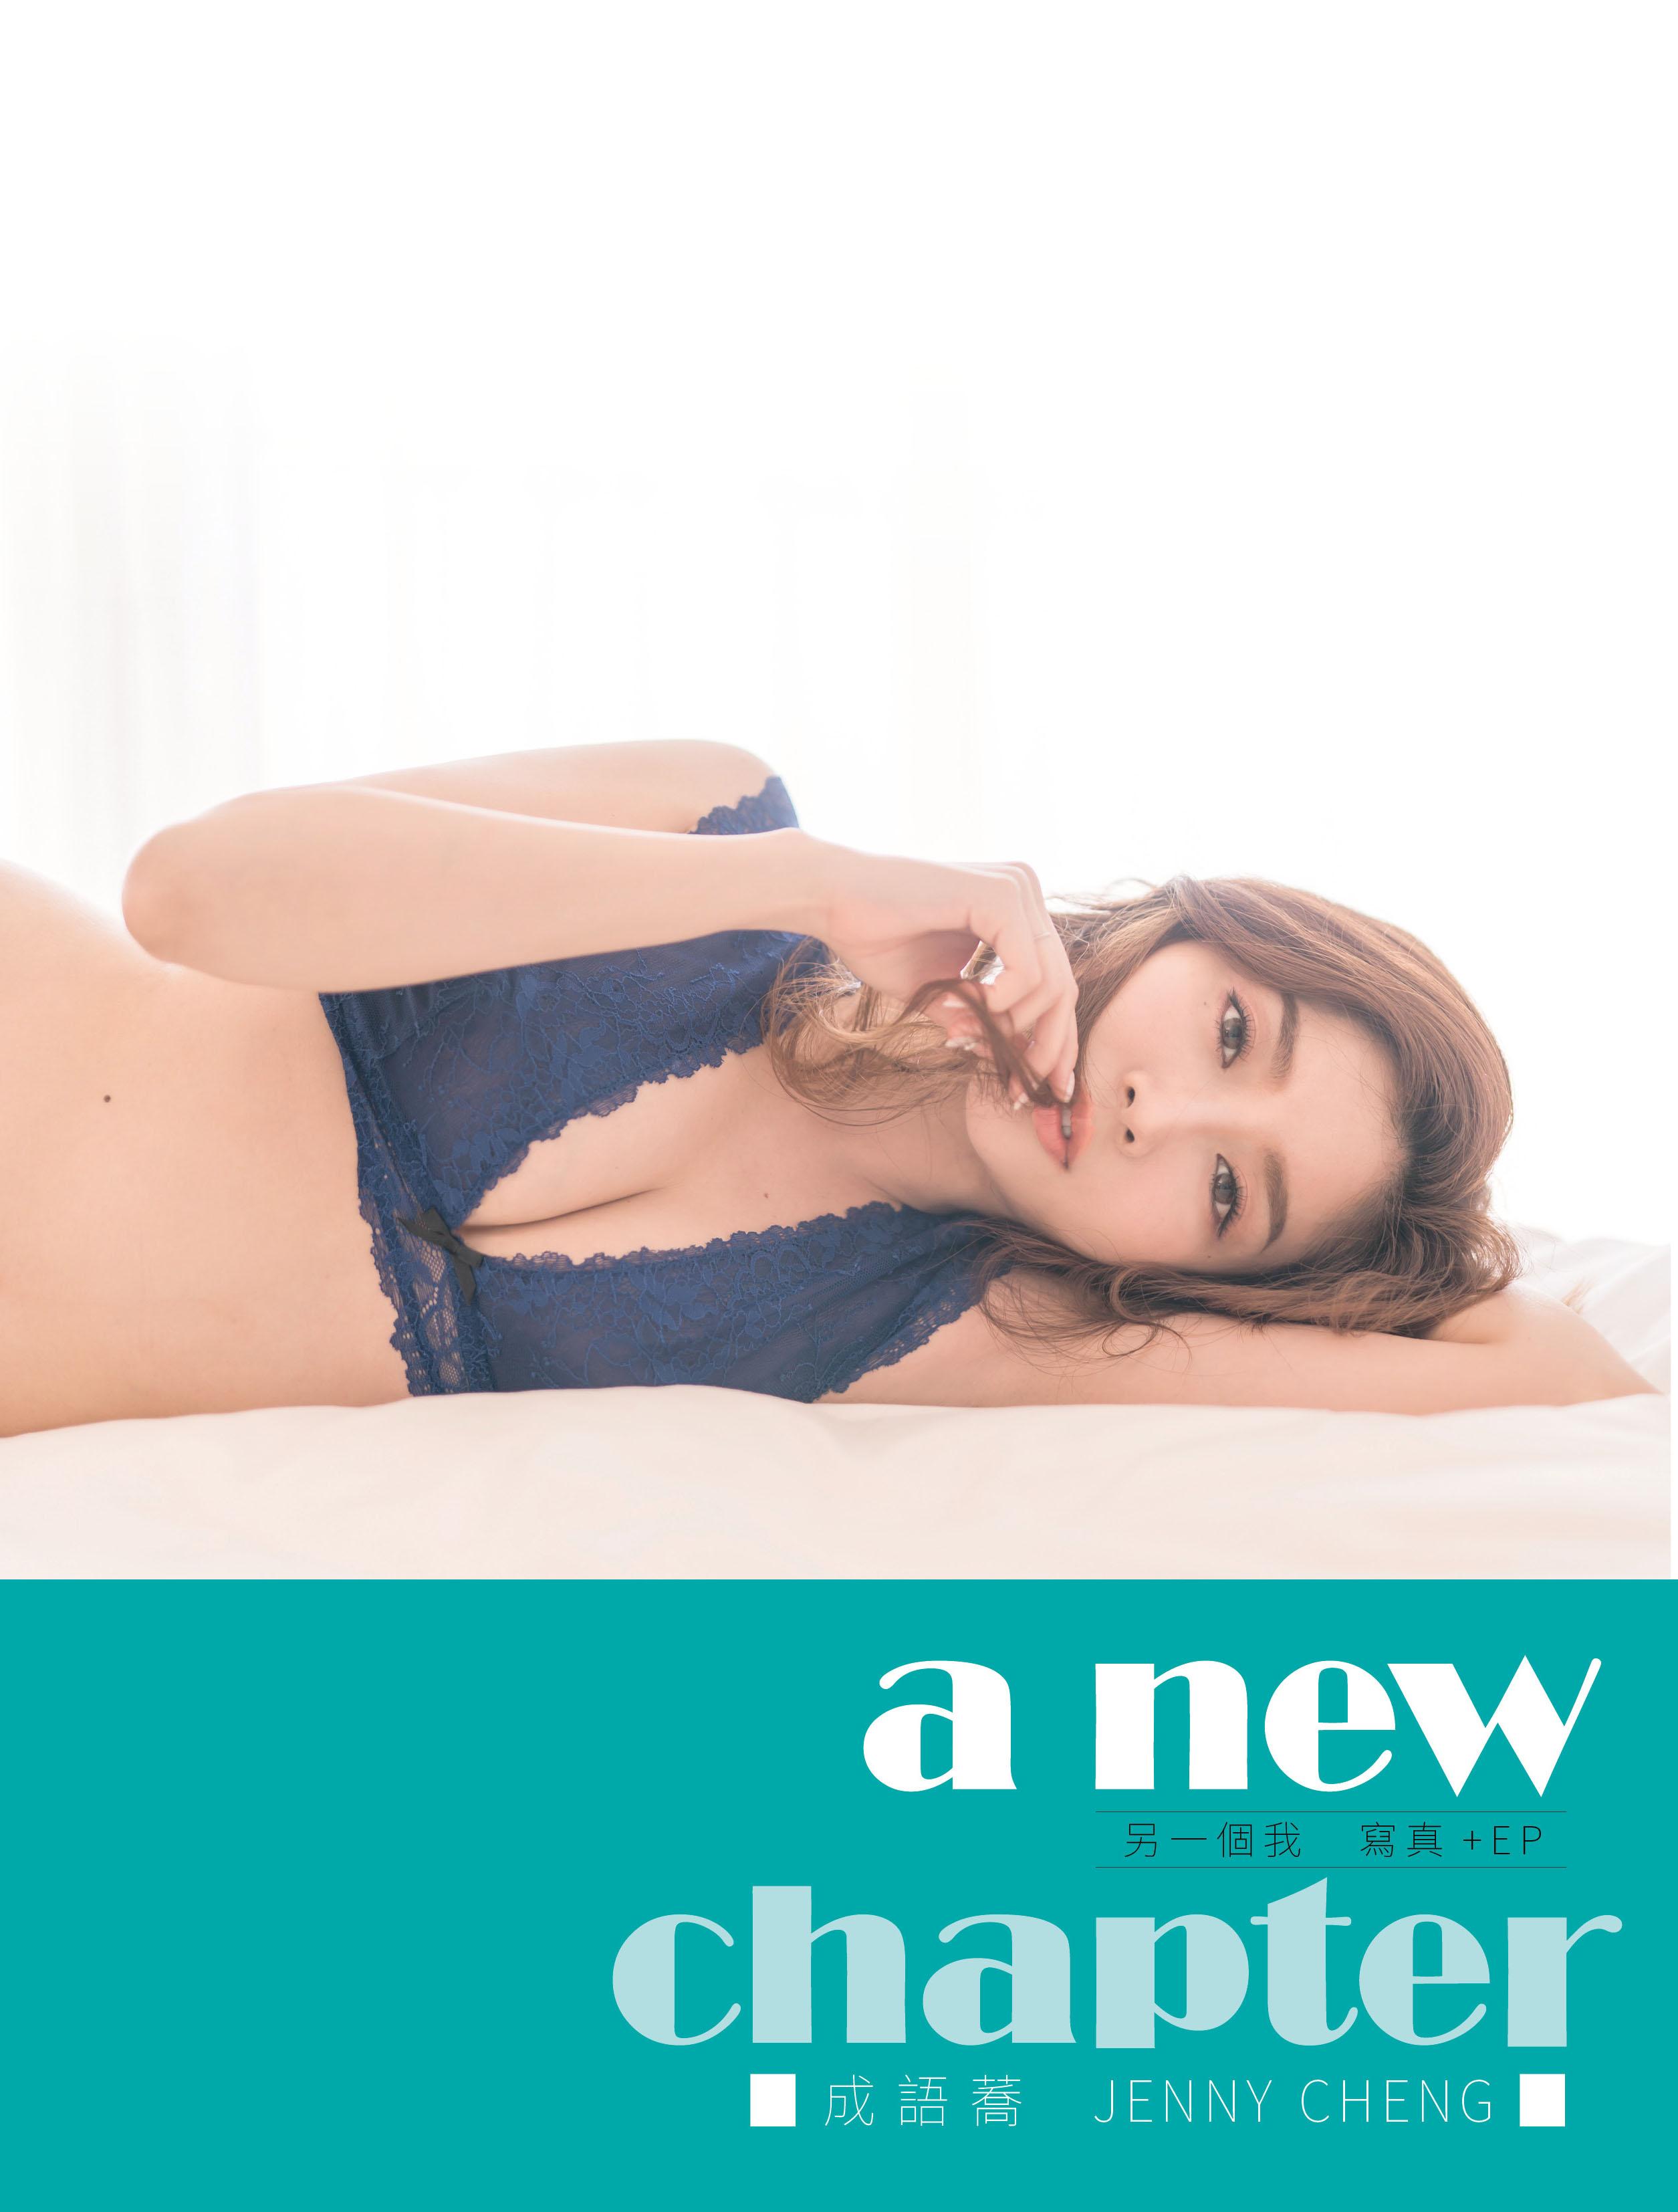 ◤博客來BOOKS◢ 暢銷書榜《推薦》成語蕎《另一個我/a new chapter》寫真+EP / A款(首刷限量博客來獨家/藍洋裝立牌)